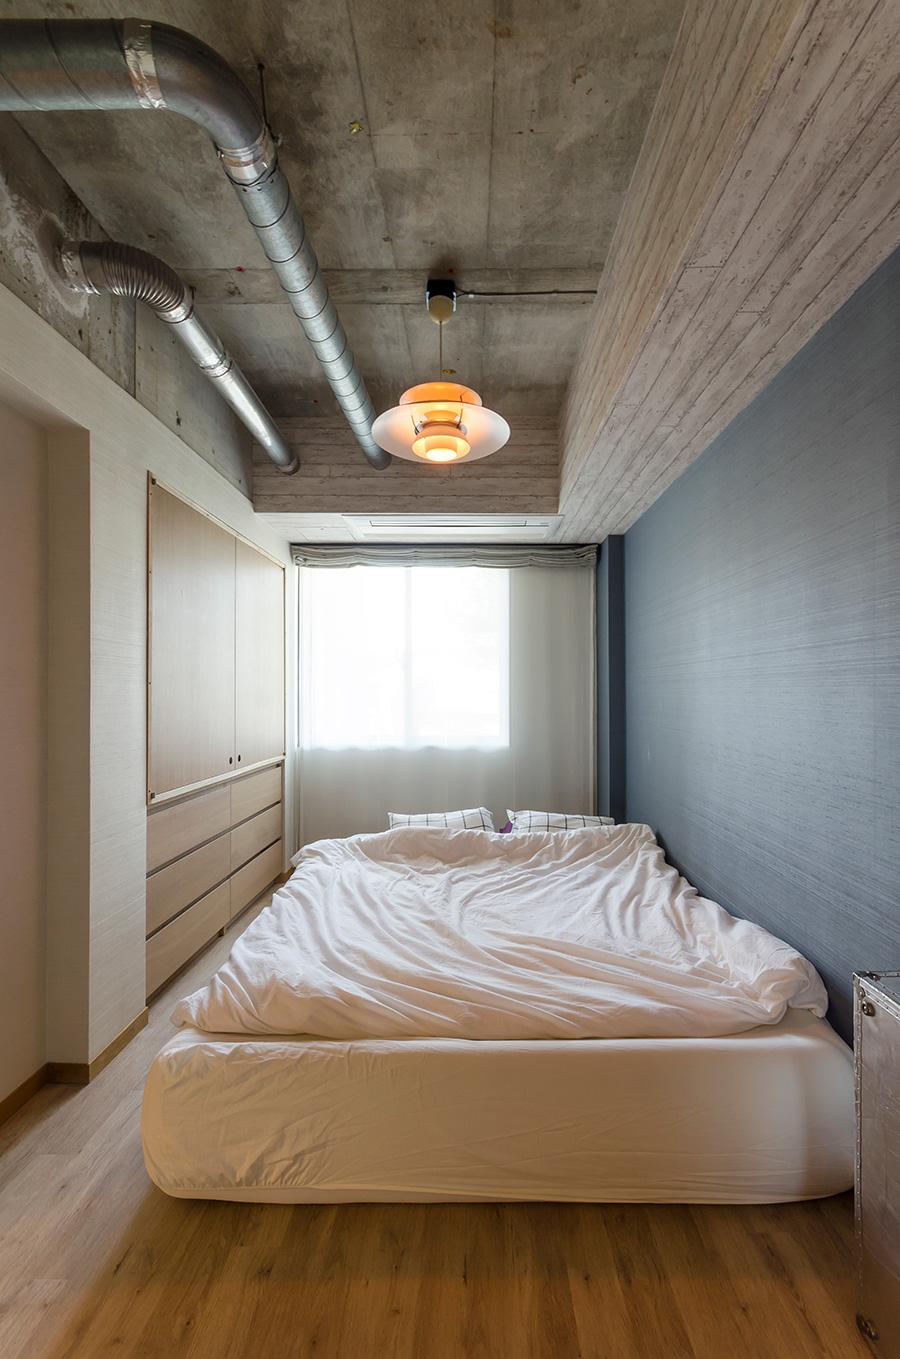 配管むき出しのベッドルームはどこか未来的な雰囲気。外せなかった右側の天井には壁紙を貼ったそう。